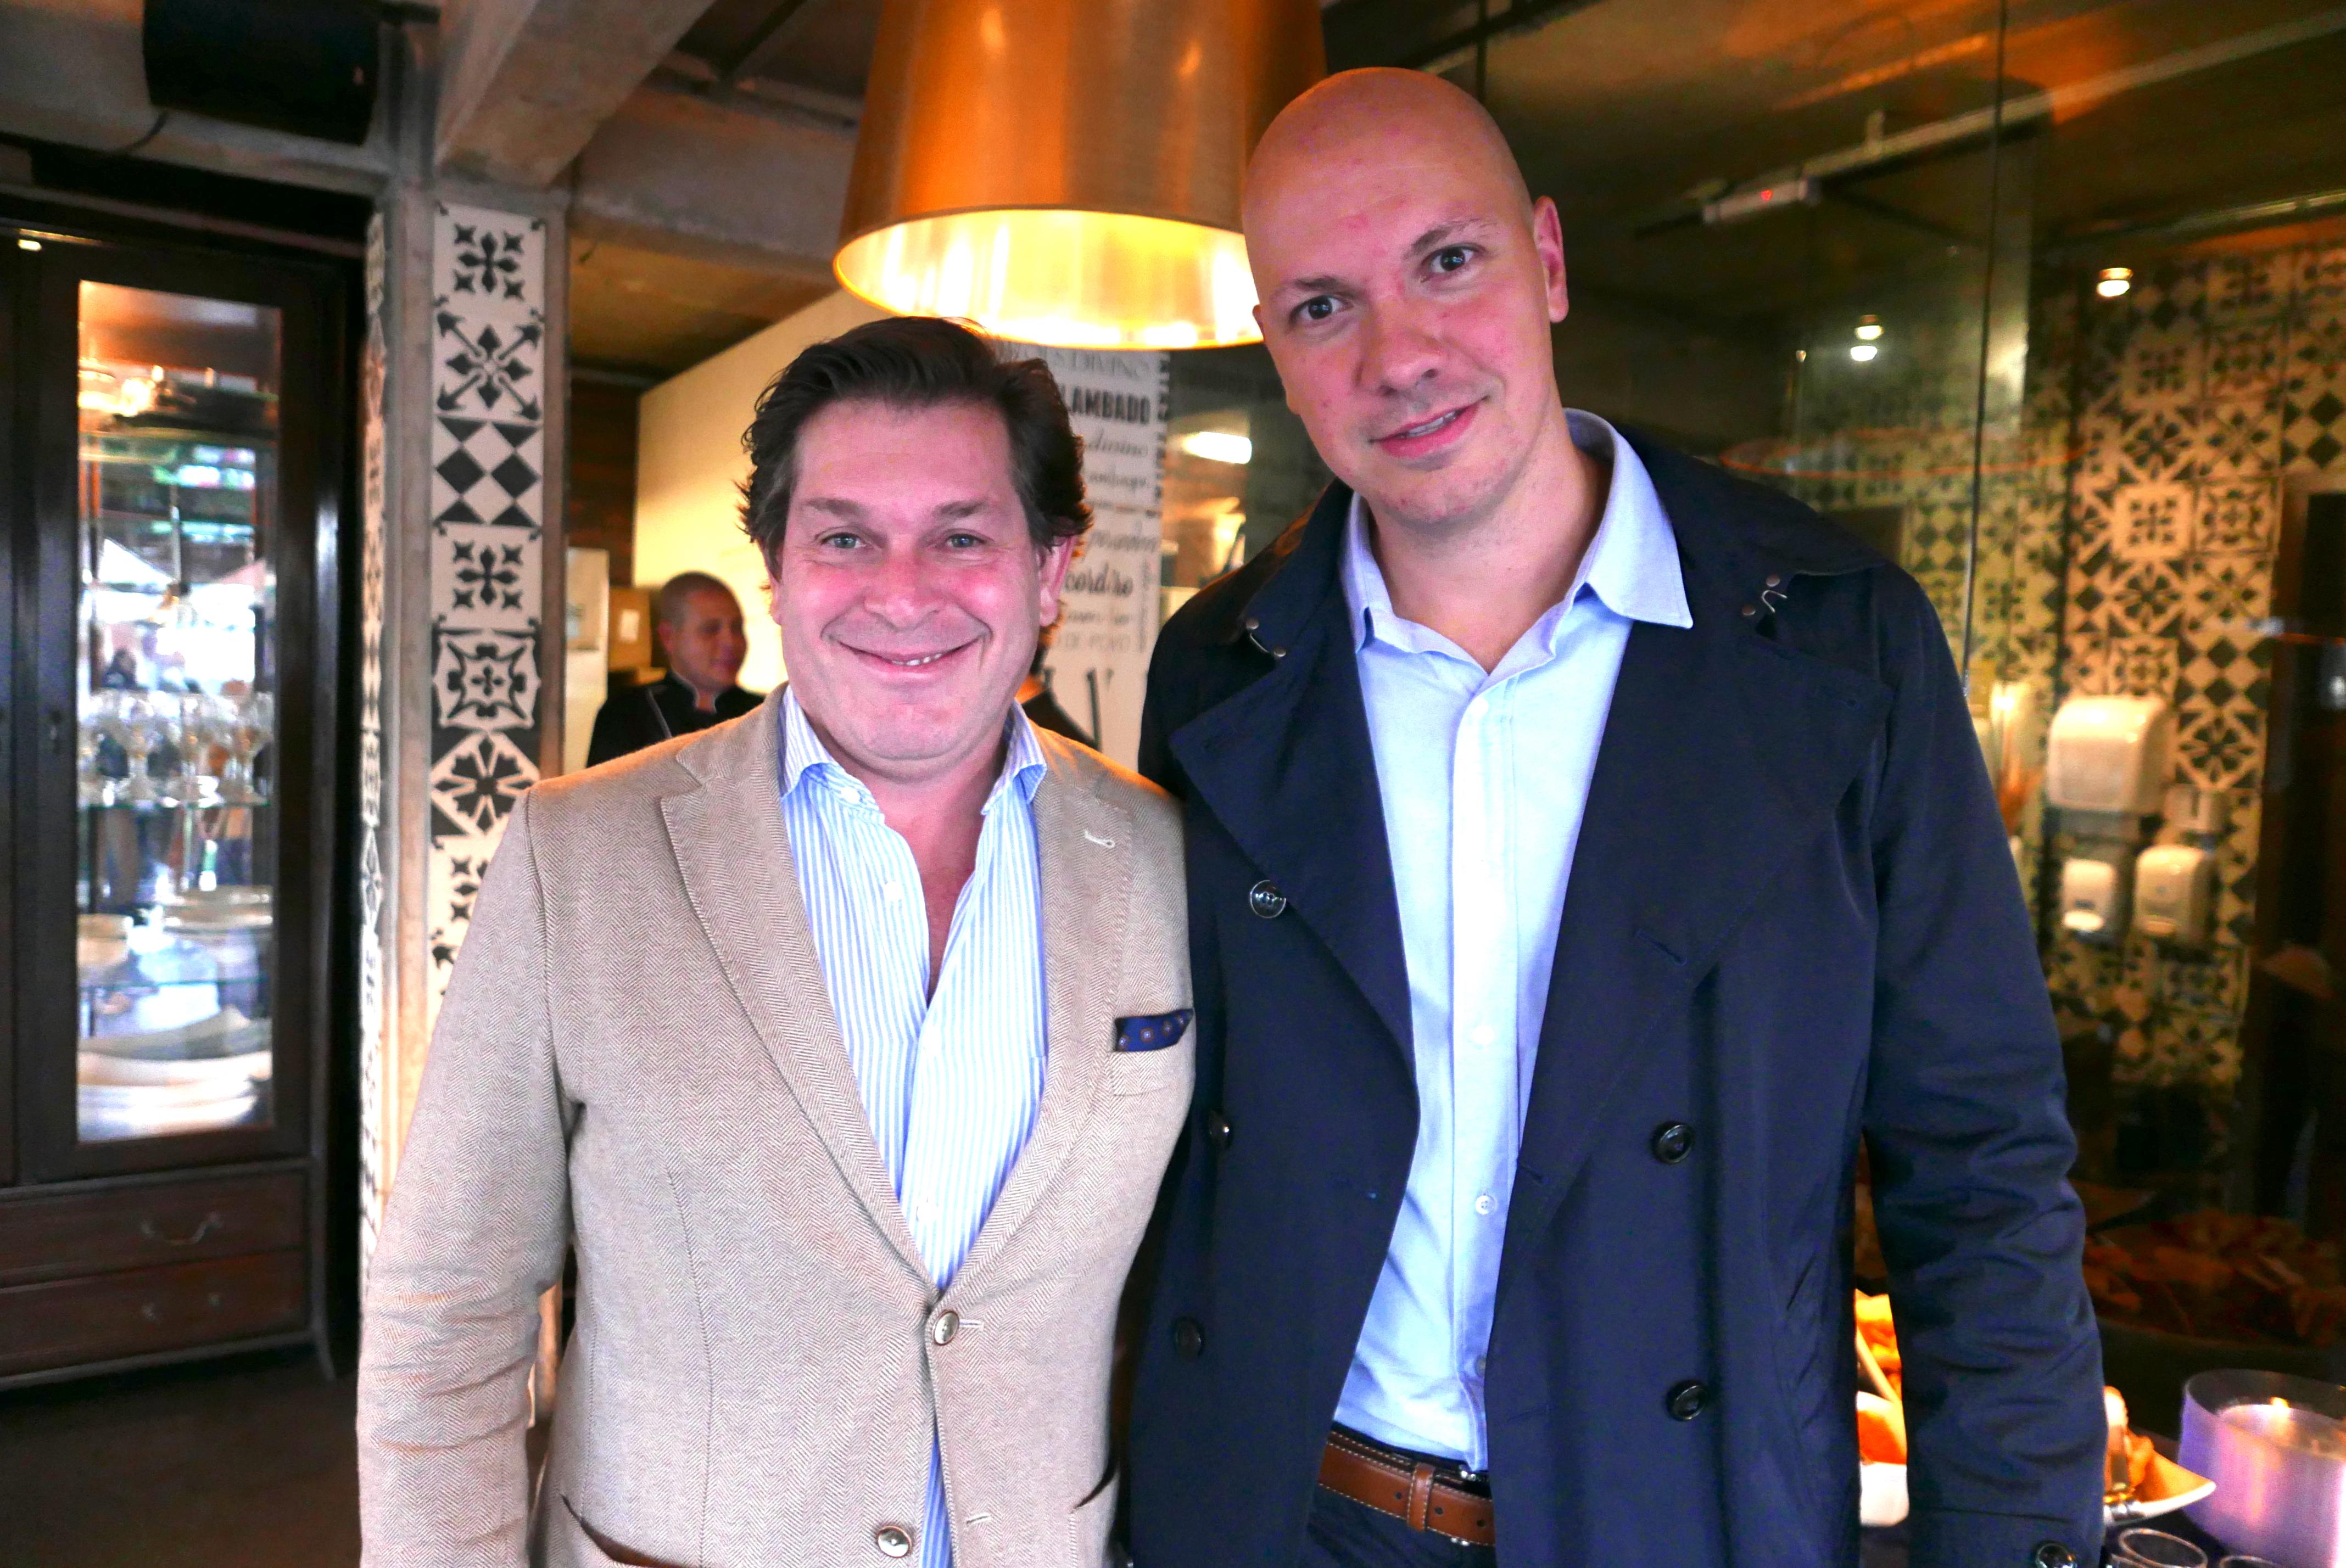 Bernardo Cardoso, Diretor do Turismo de Portugal e Presidente da ECT no Brasil, e Marcelo Kaiser, gerente geral da Aviareps, representante Brasil da ETC